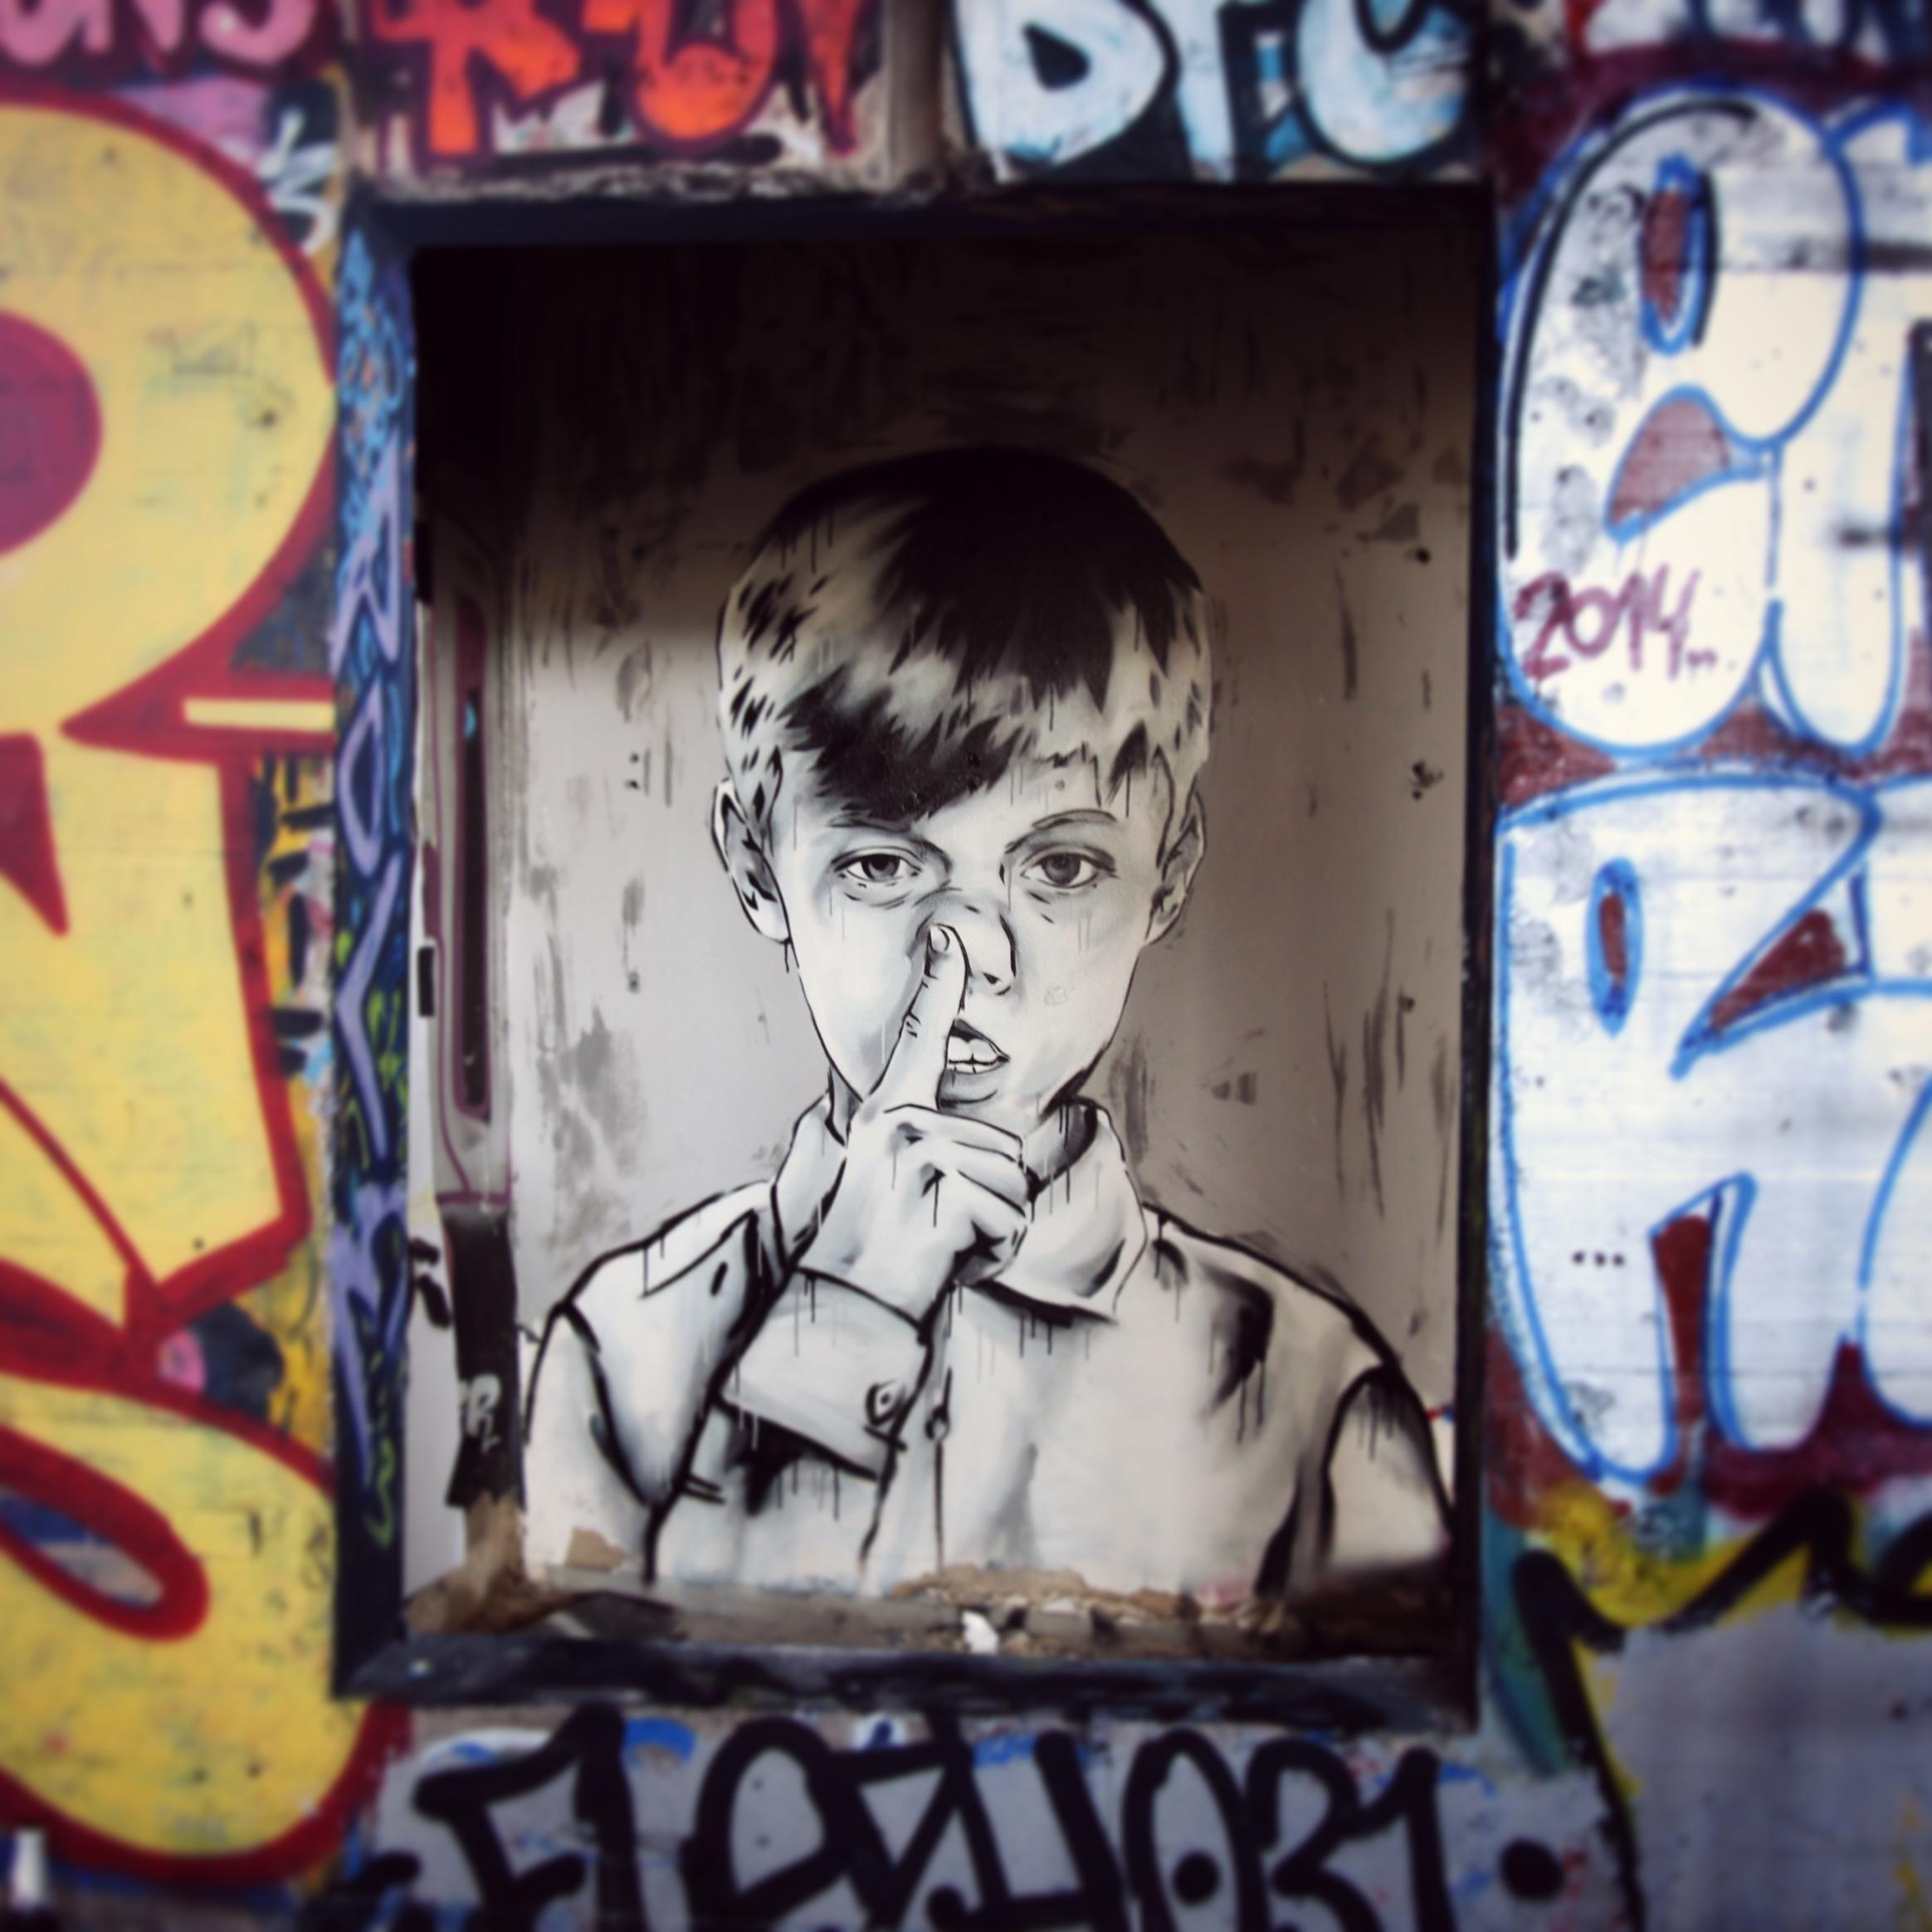 Title: 'Fingerz In Ze Nose' – Teufelsberg, Berlin, Germany – 2015